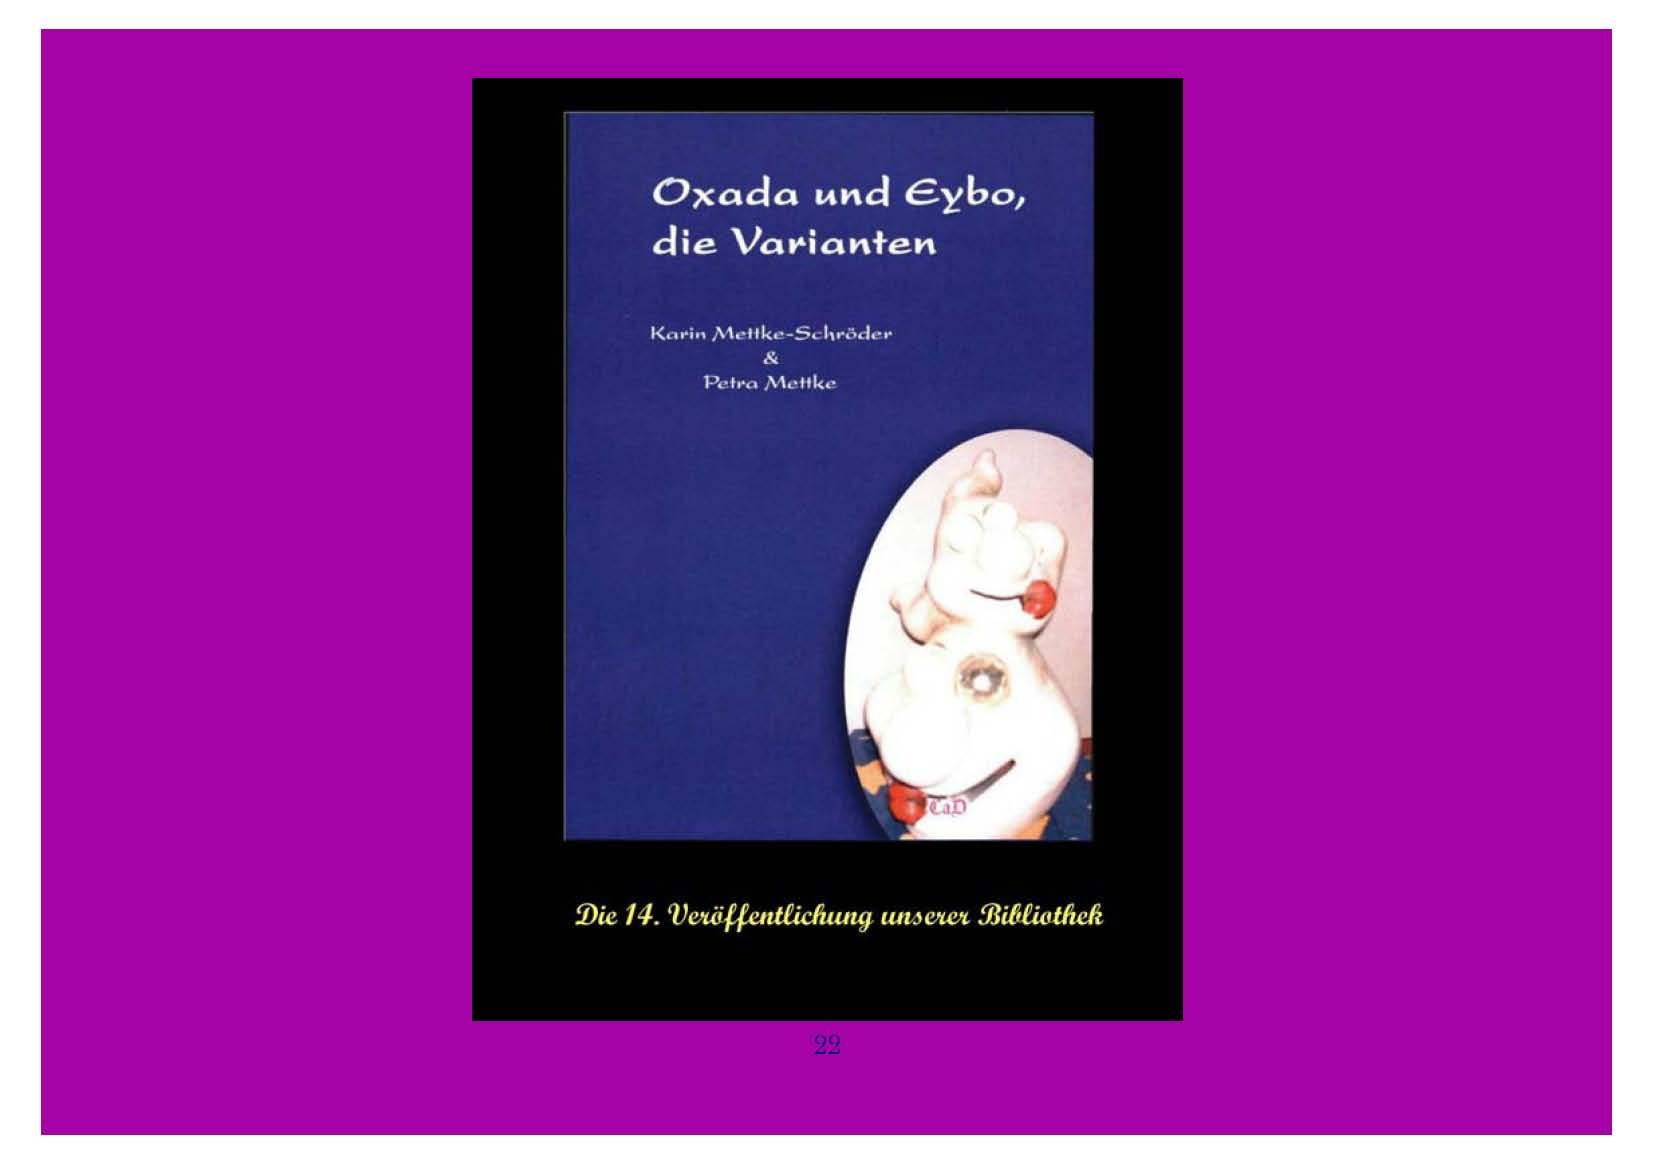 ™Gigabuch-Bibliothek/iAutobiographie Band 21/Bild 1516